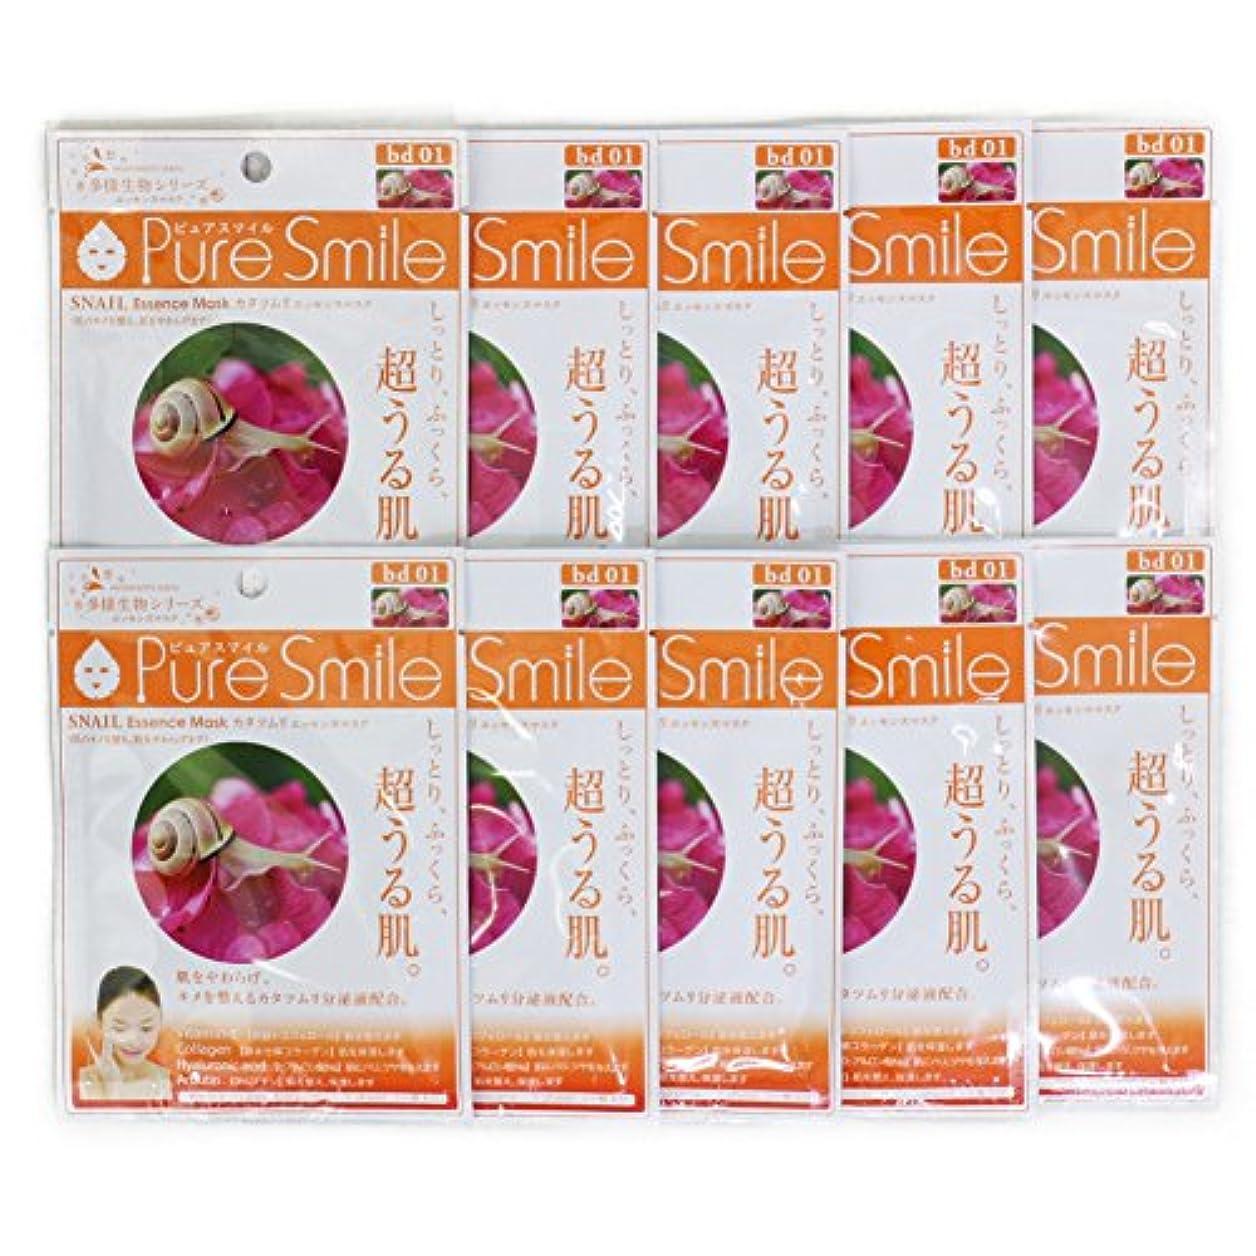 散髪ワーディアンケース米ドルPure Smile ピュアスマイル 多様生物エッセンスマスク カタツムリ 10枚セット